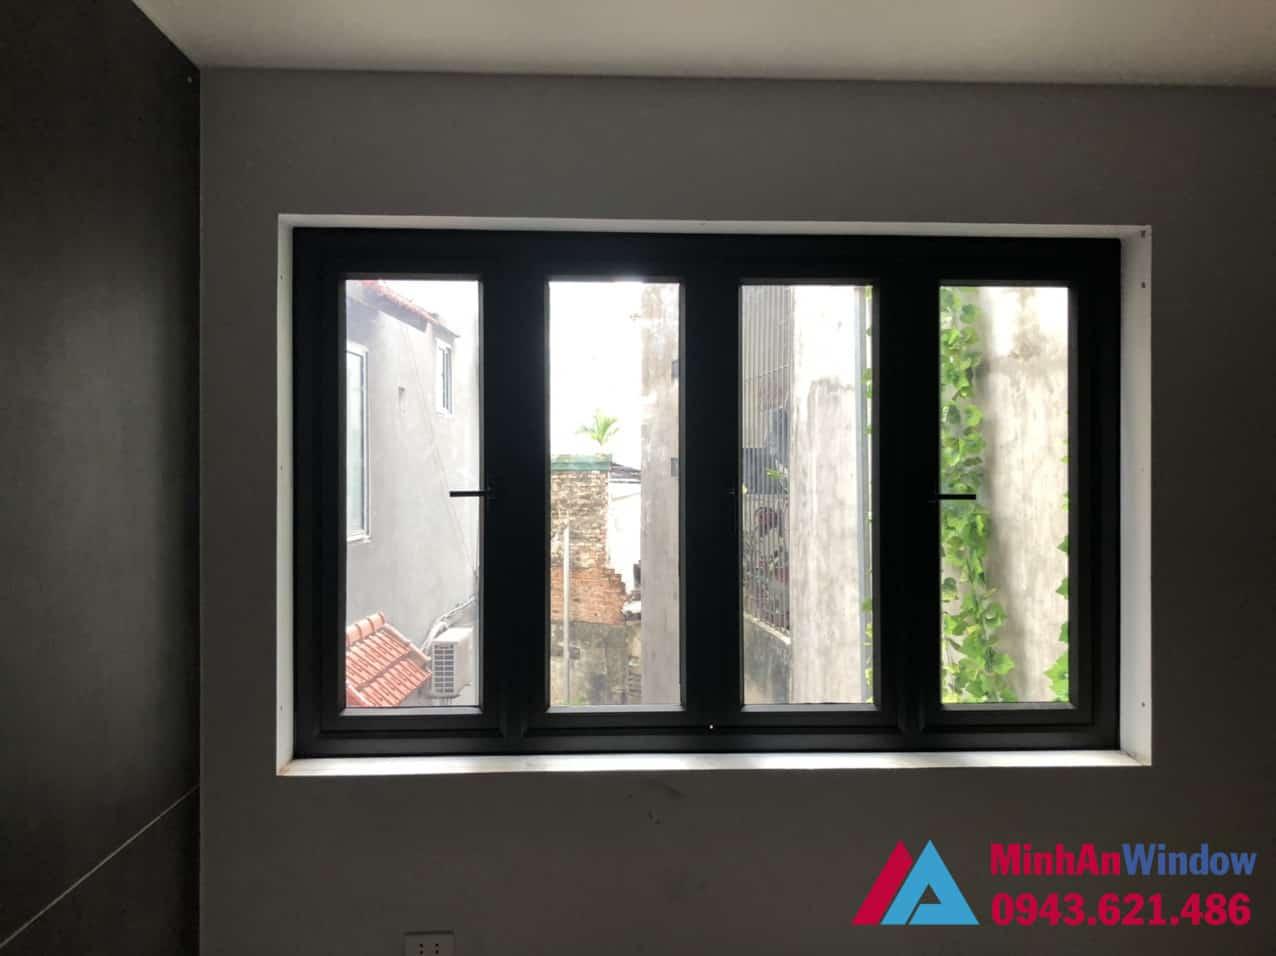 Mẫu cửa sổ nhôm kính Minh An Window lắp đặt tại Hưng Yên